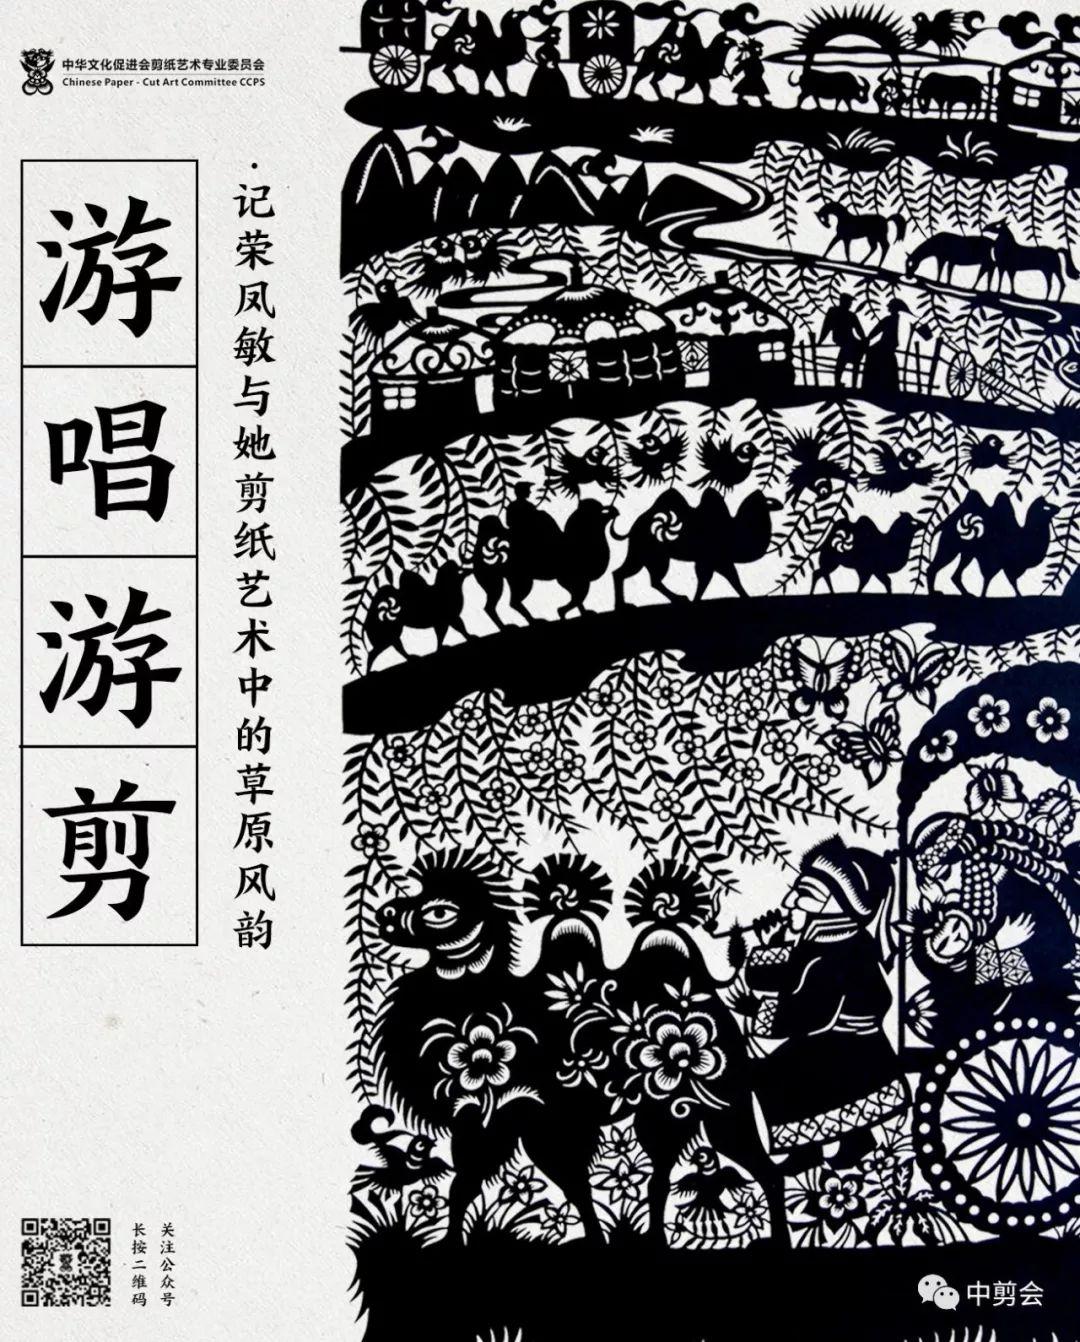 游唱游剪——记荣凤敏与她剪纸艺术中的草原风韵 第1张